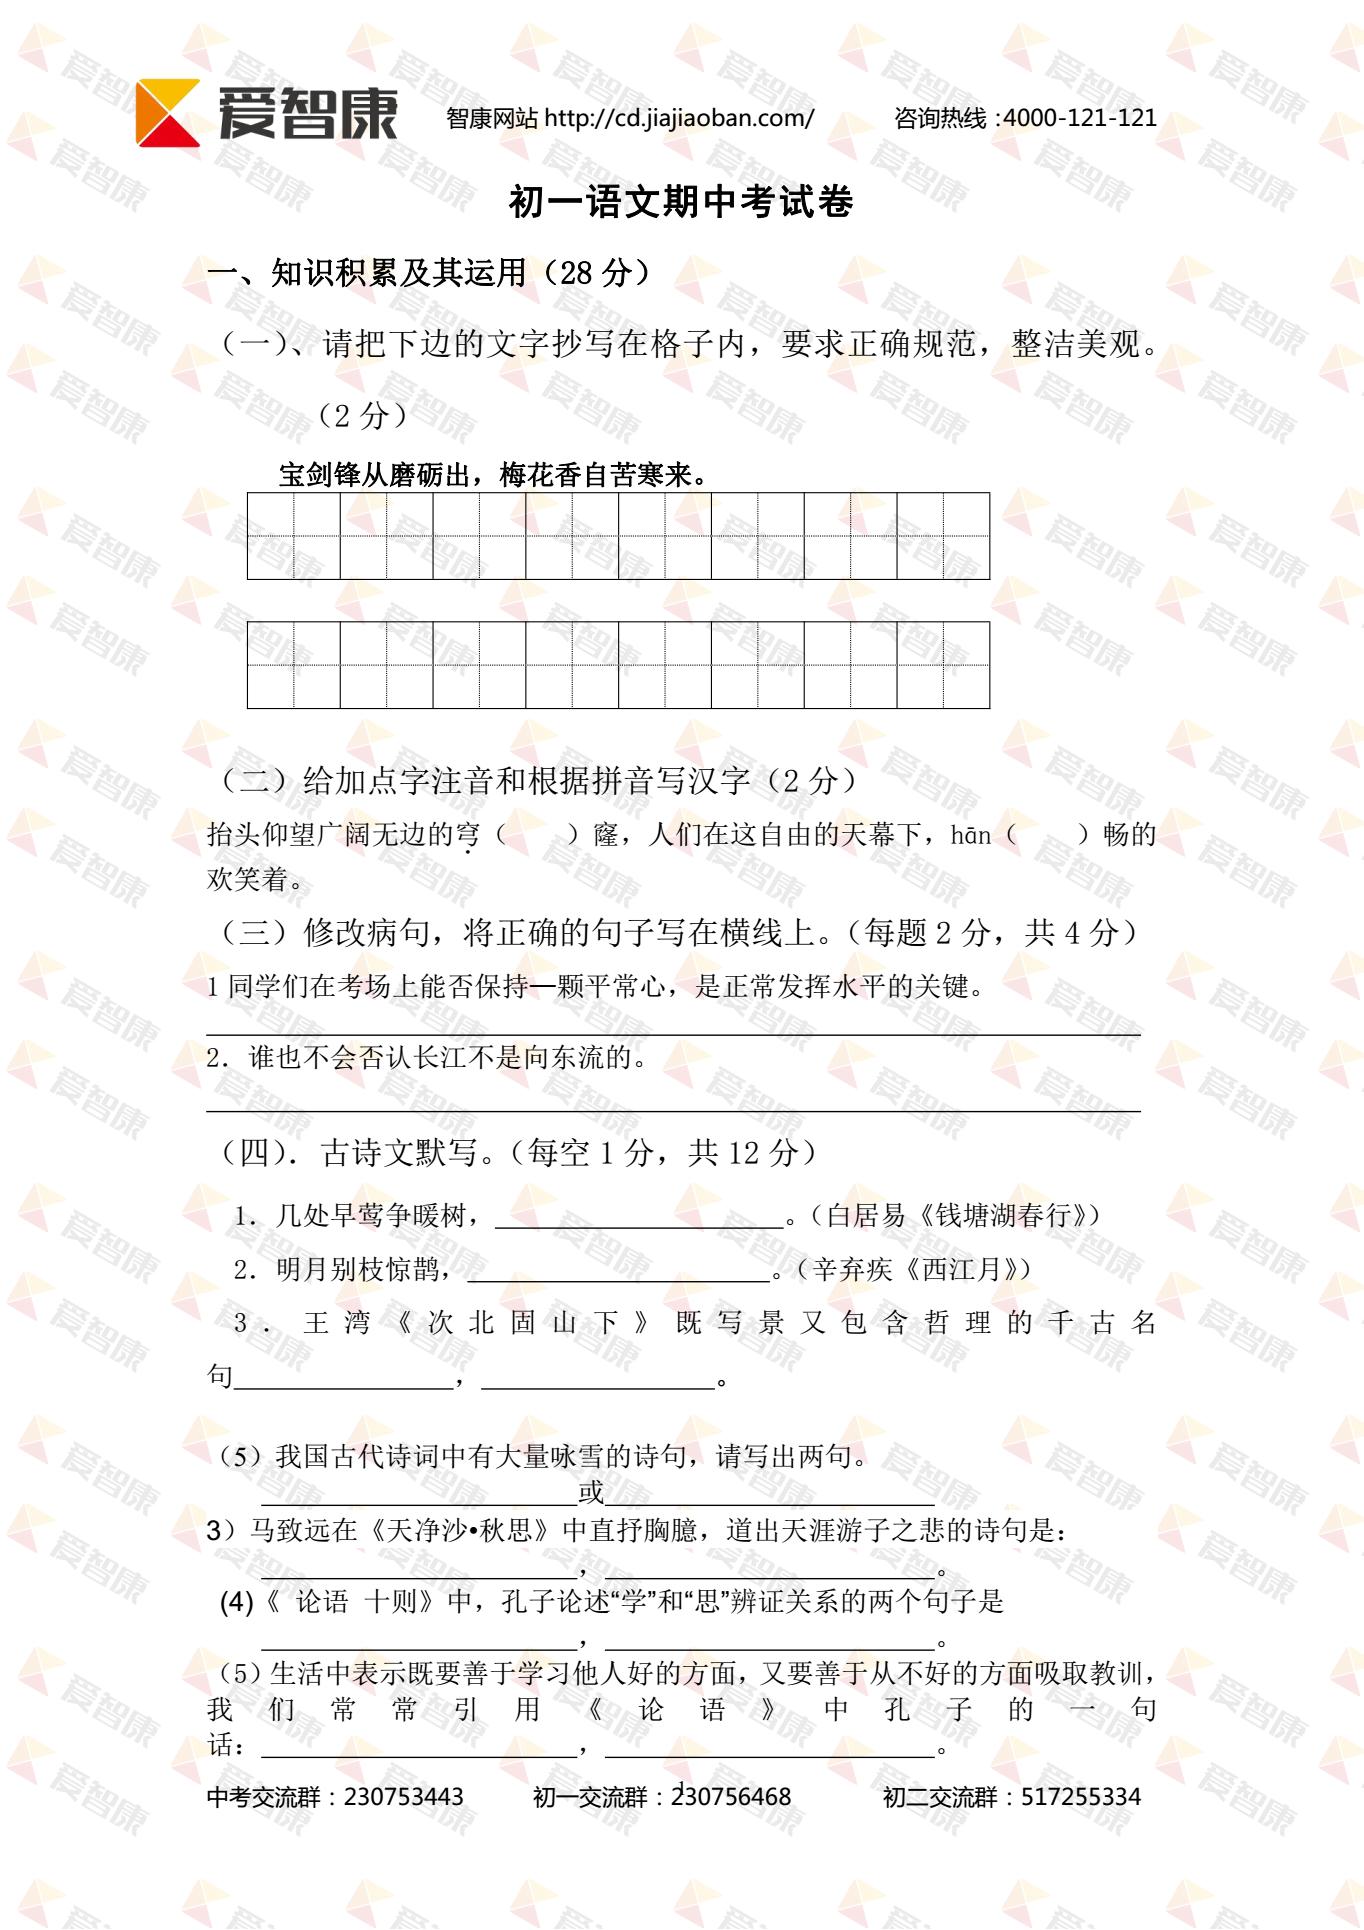 初一正文>语文初中期中考 期末考 一诊二诊中考试卷真题及初中答案芜湖县哪些有图片